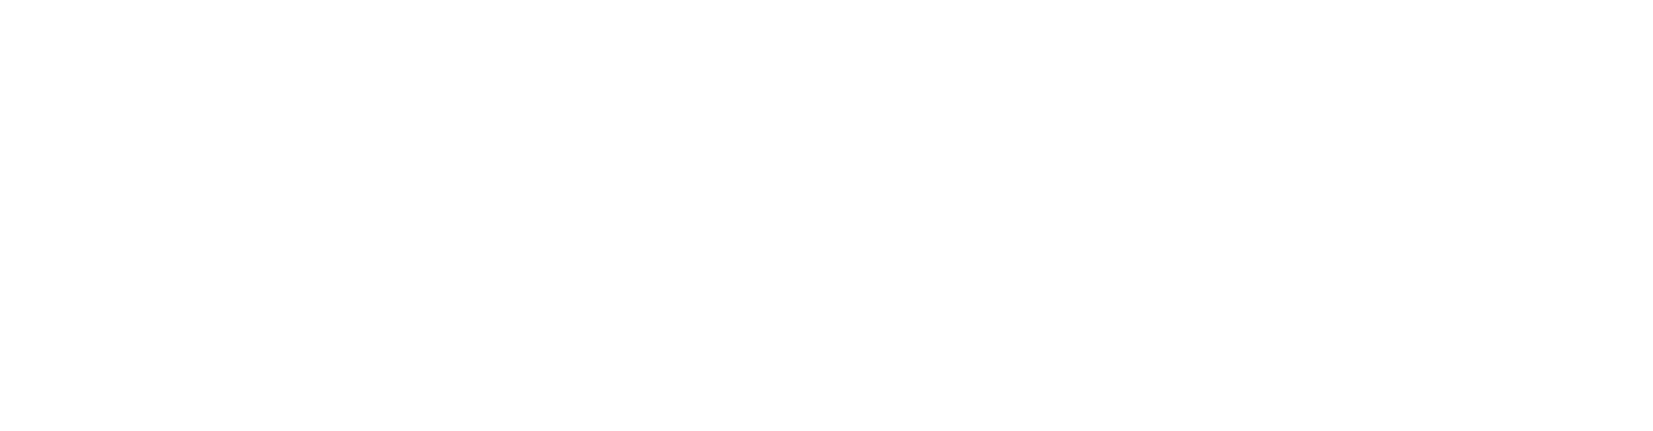 Cavixo technology process